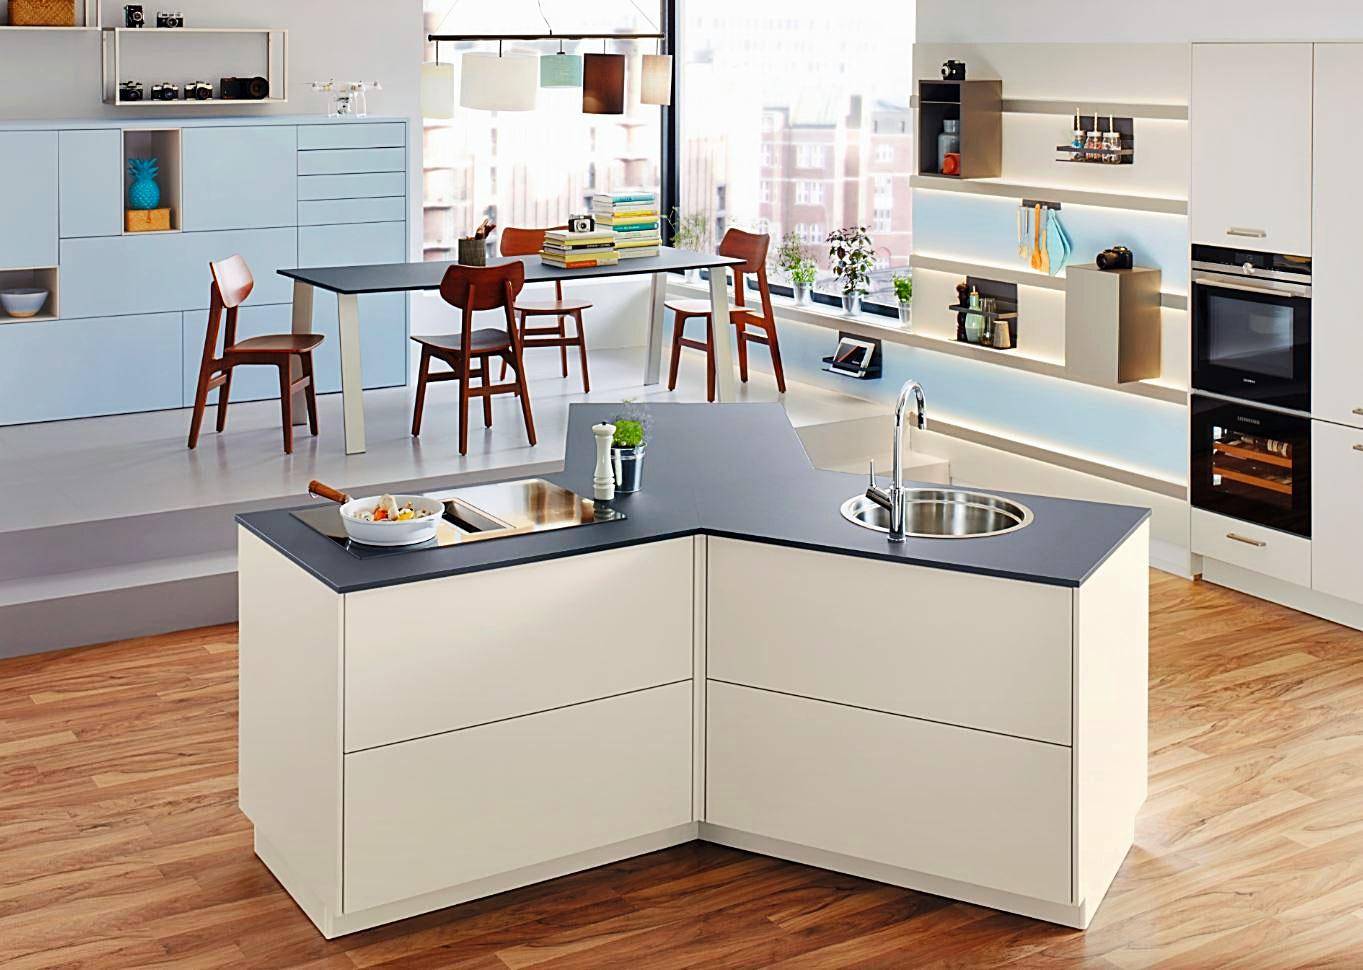 grifflose kueche erfahrung vor und nachteile einbaukuechenwelt. Black Bedroom Furniture Sets. Home Design Ideas